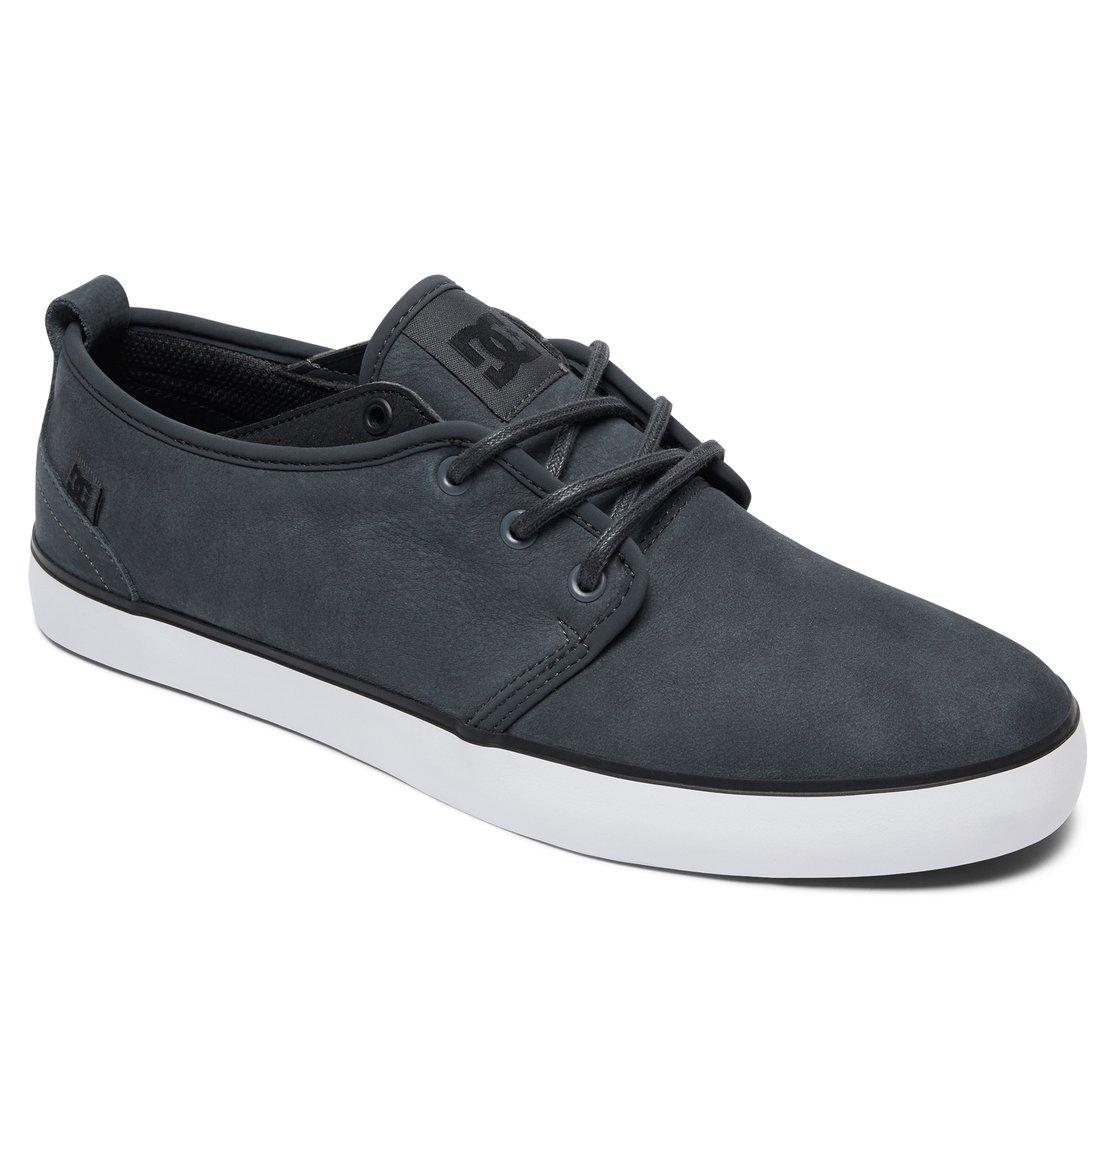 dc shoes Studio 2 LX - Scarpe da Uomo - Gray - DC Shoes